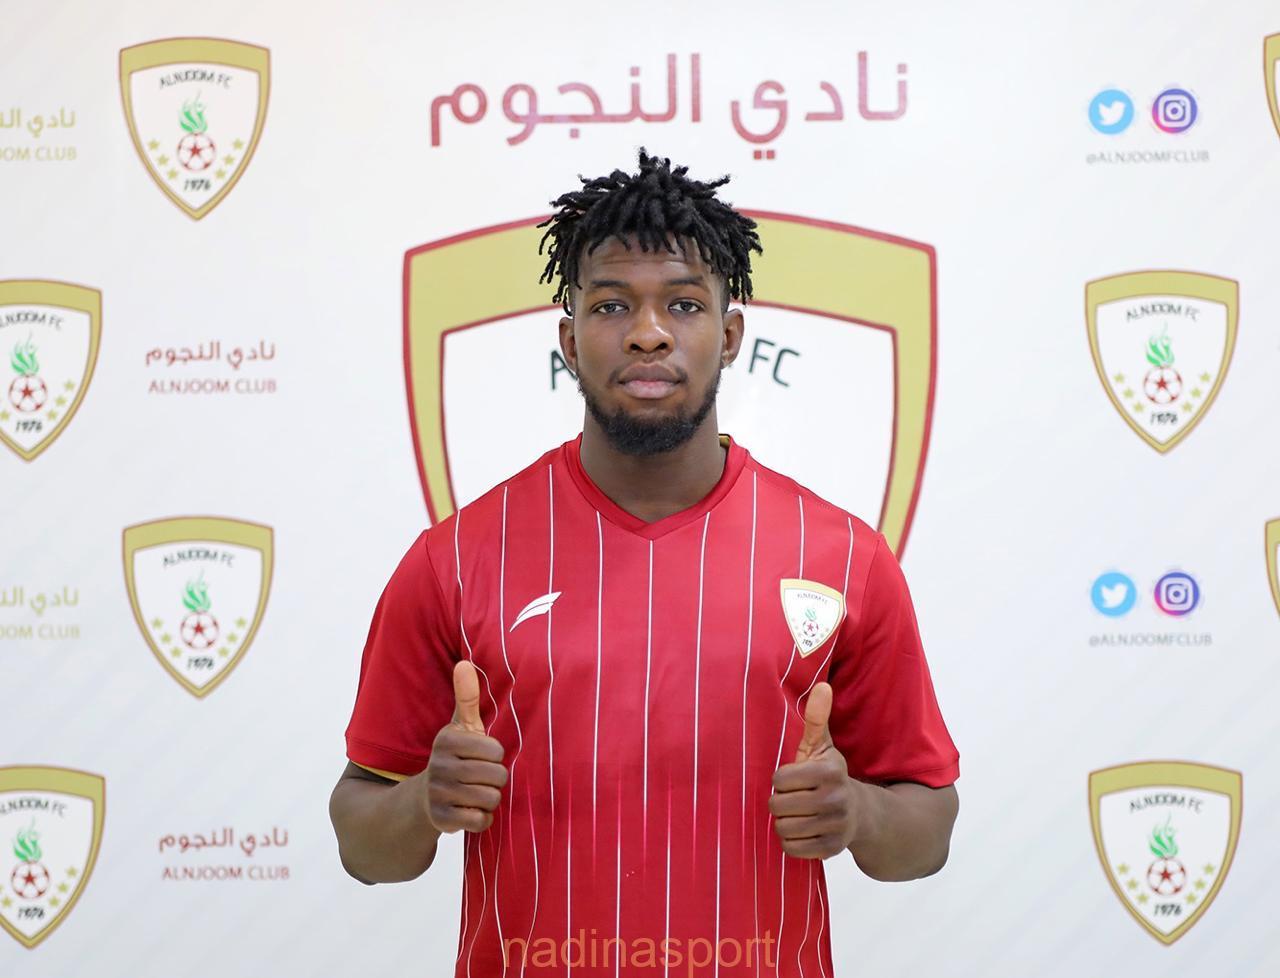 النجوم يوقع مع اللاعب أحمد العكروش و الظهيرين عبد الله هوساوي وأحمد المحيفيظ